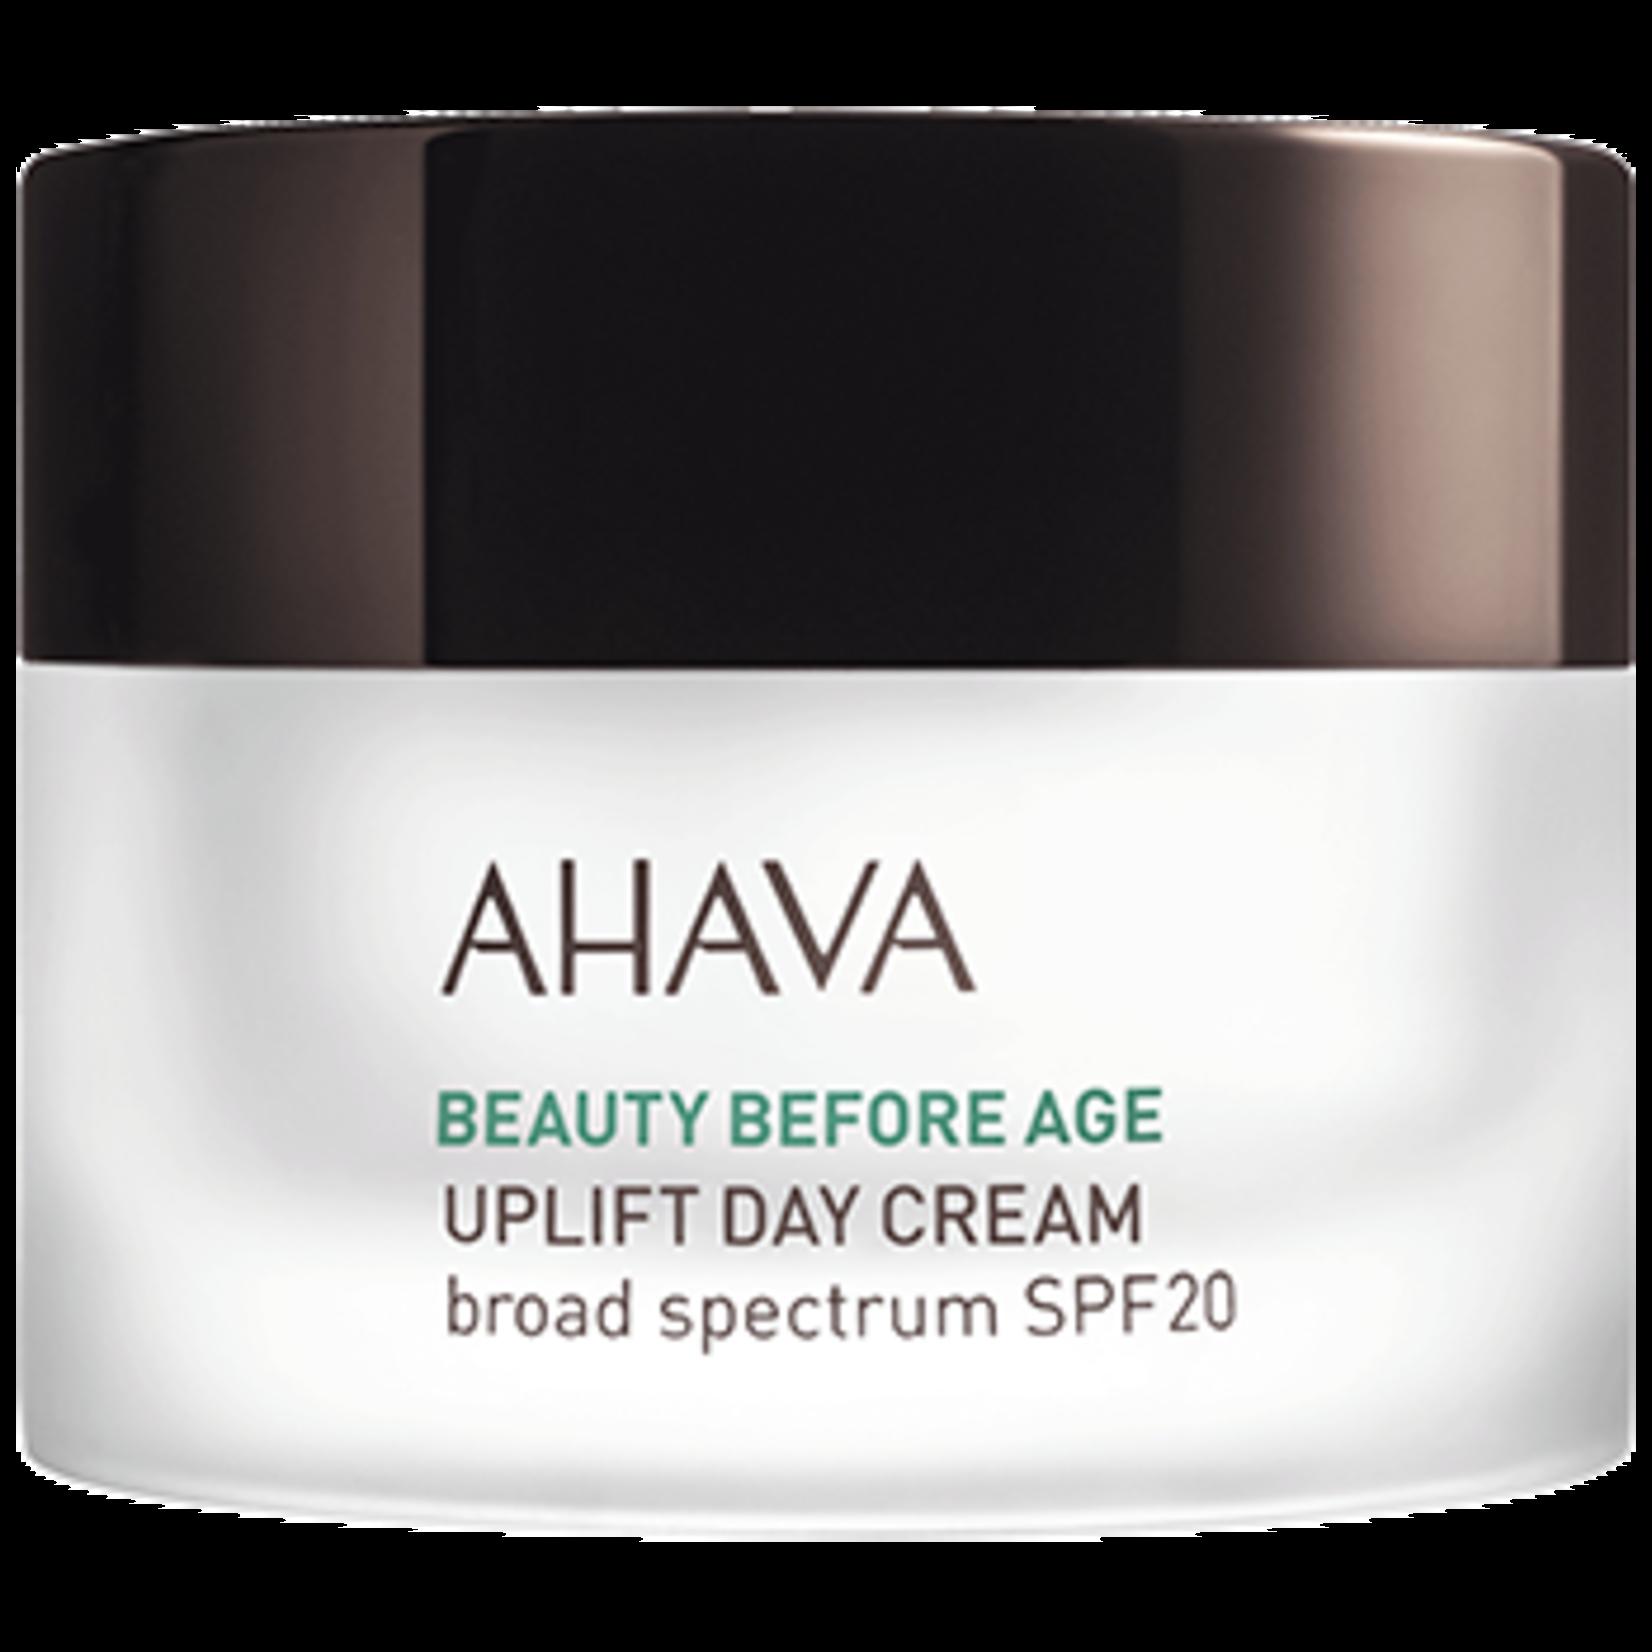 AHAVA uplift day cream 50ml